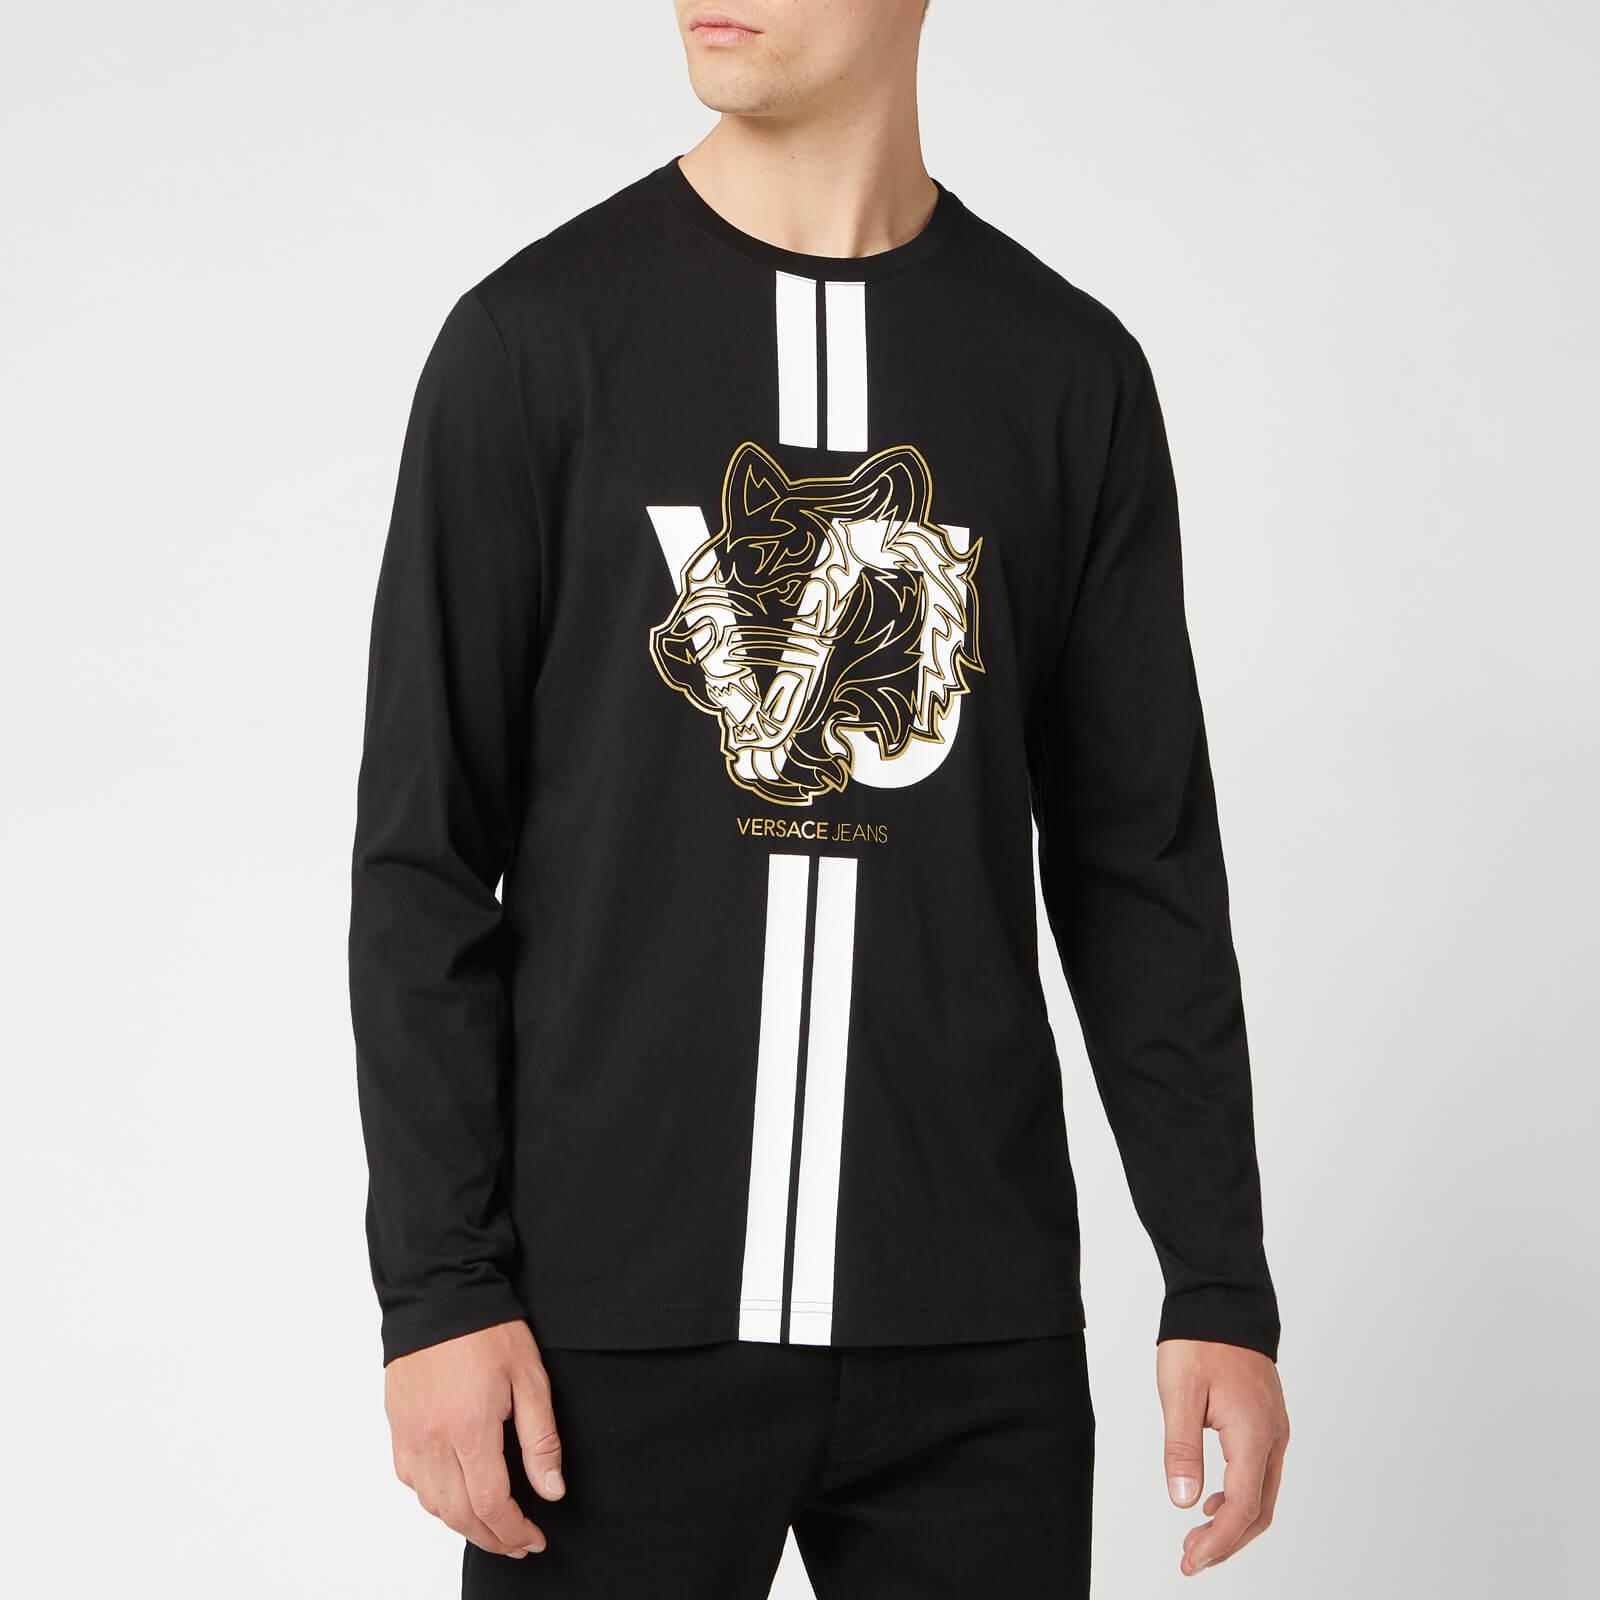 a4664b01 Versace Jeans Men's Long Sleeve T-Shirt - Black Clothing | TheHut.com